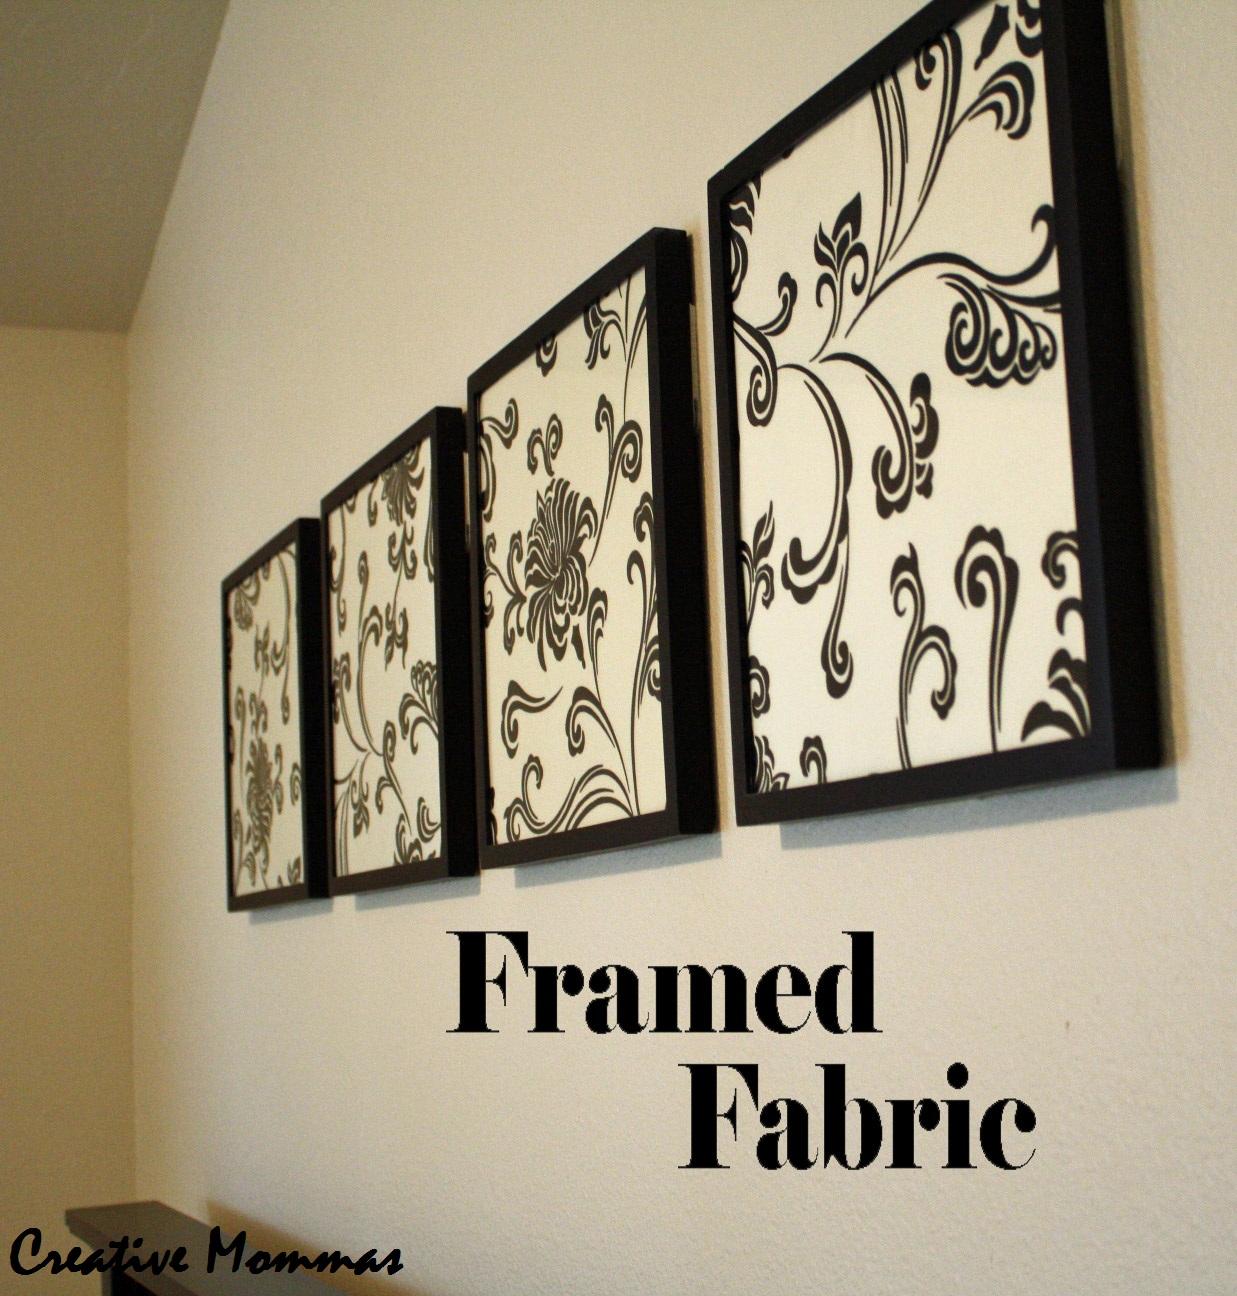 Creative Mommas: Framed Fabric Wall Decor